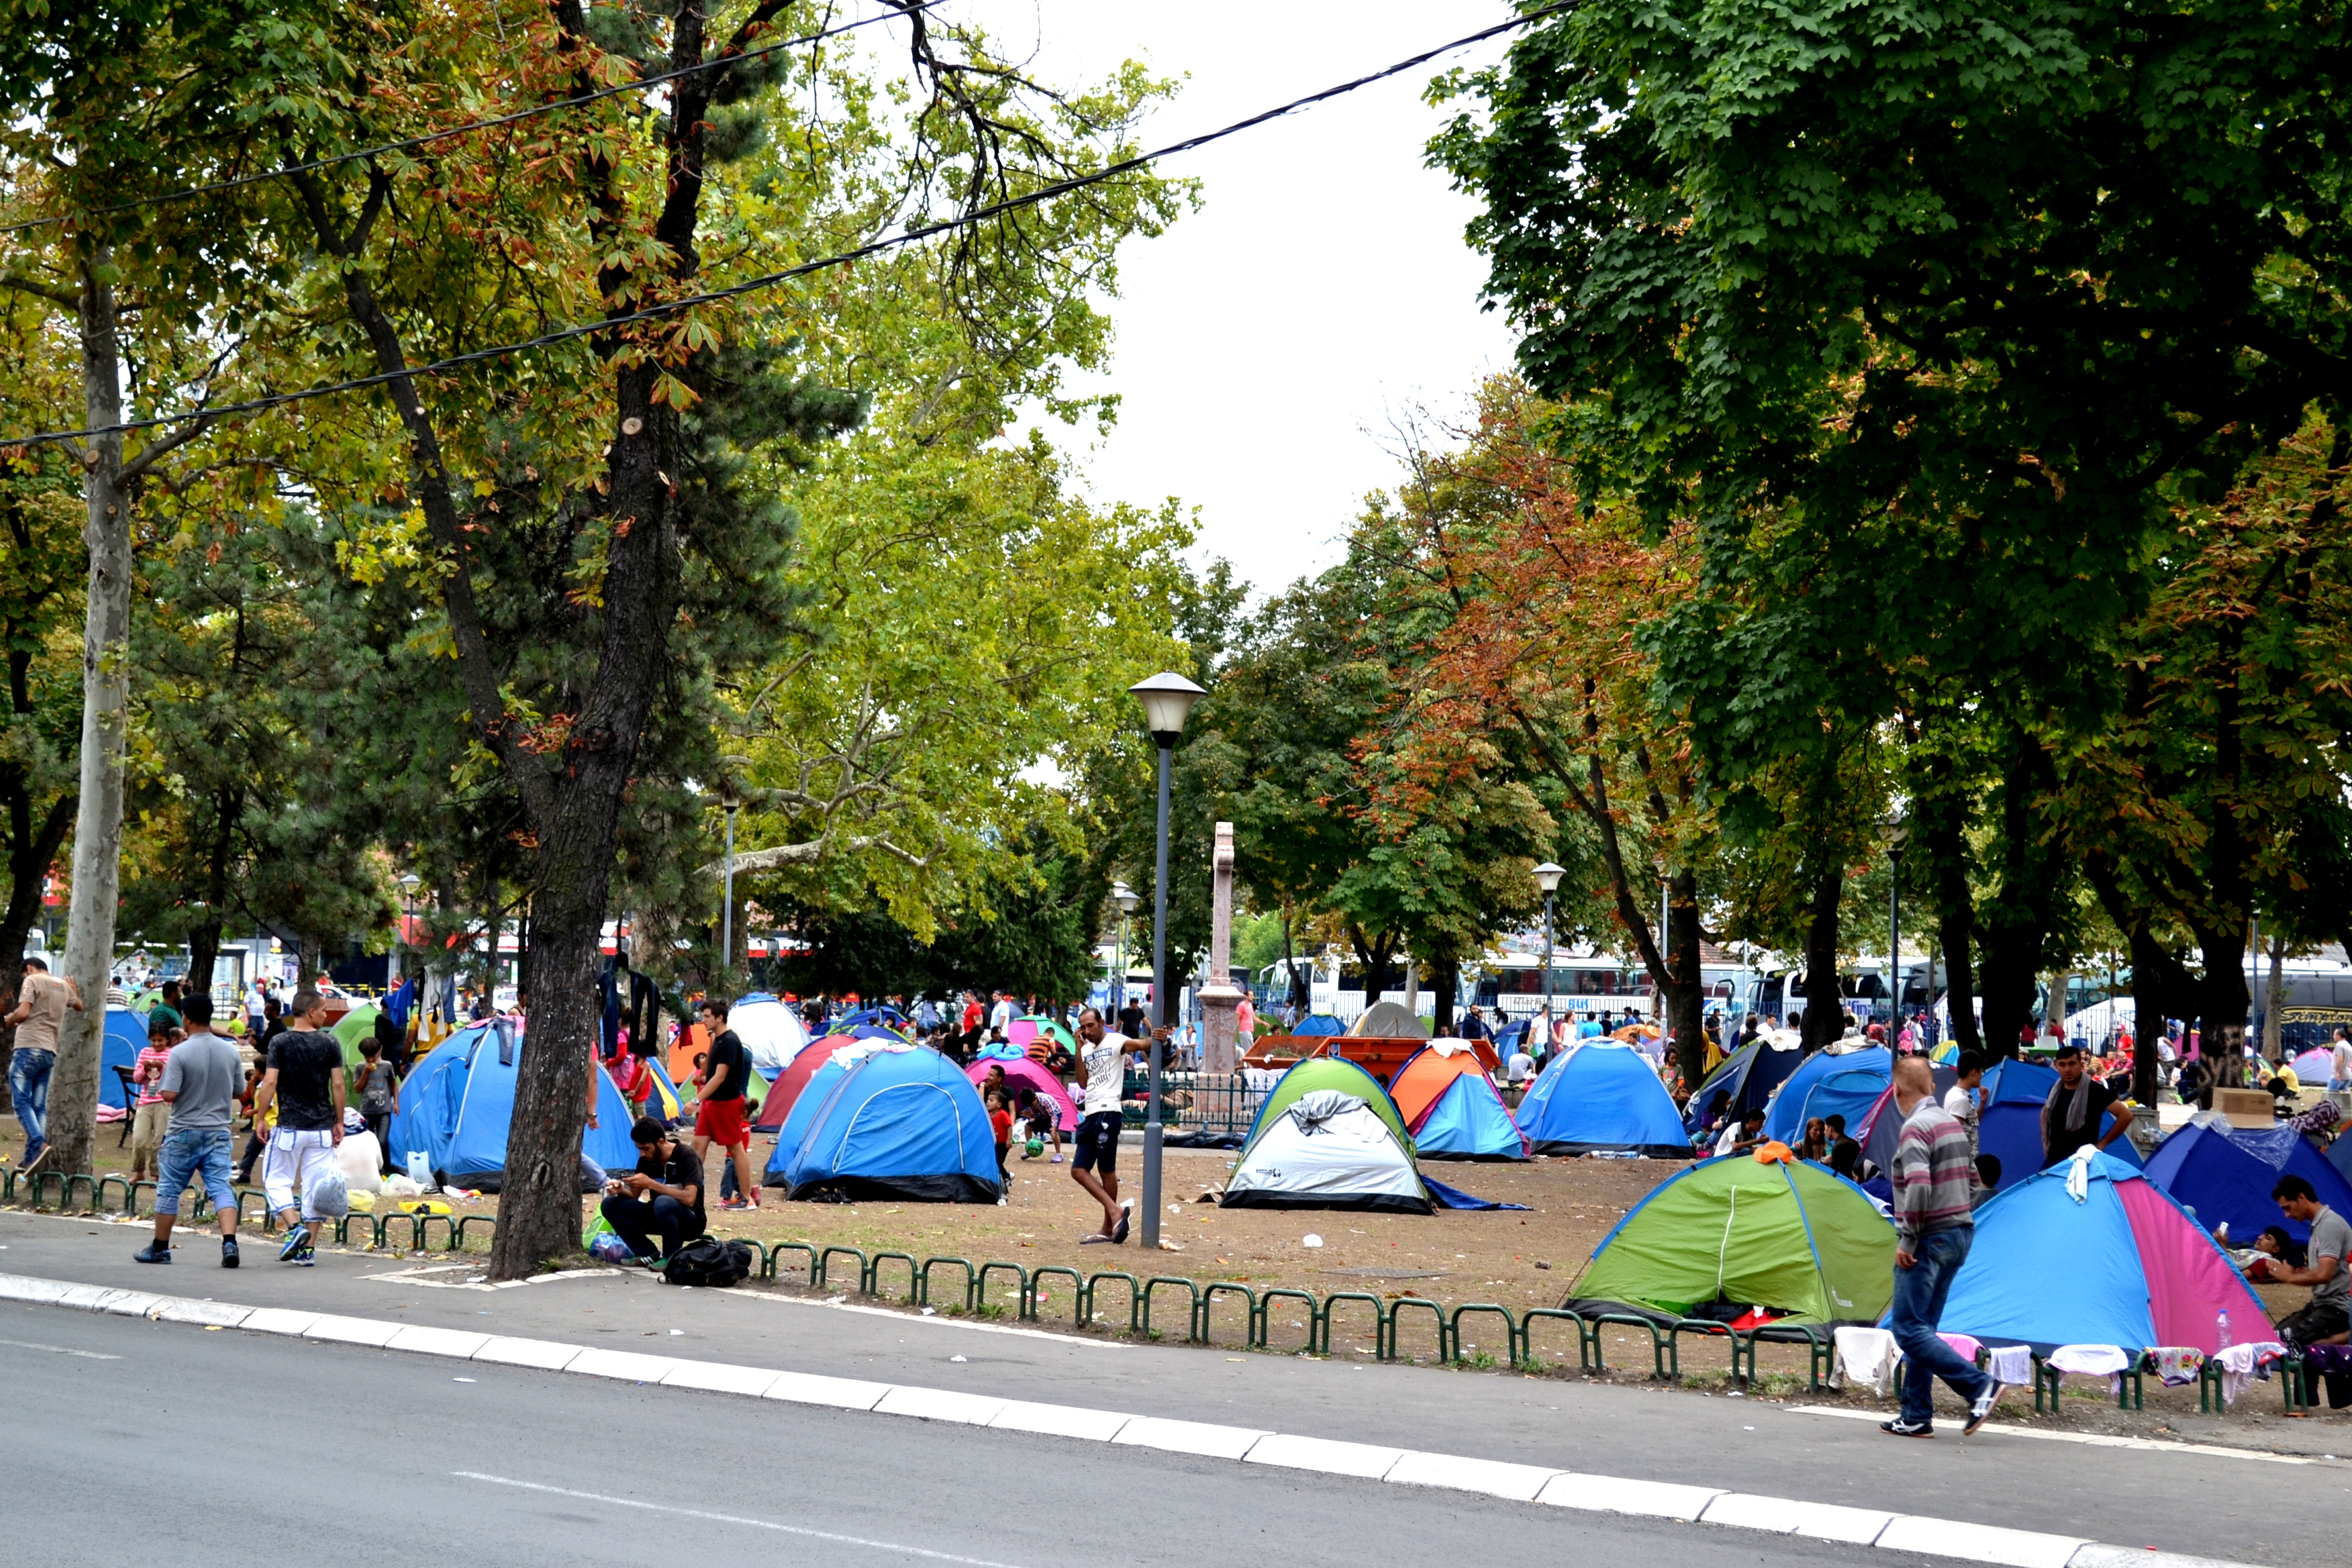 A refugee camp in Belgrade